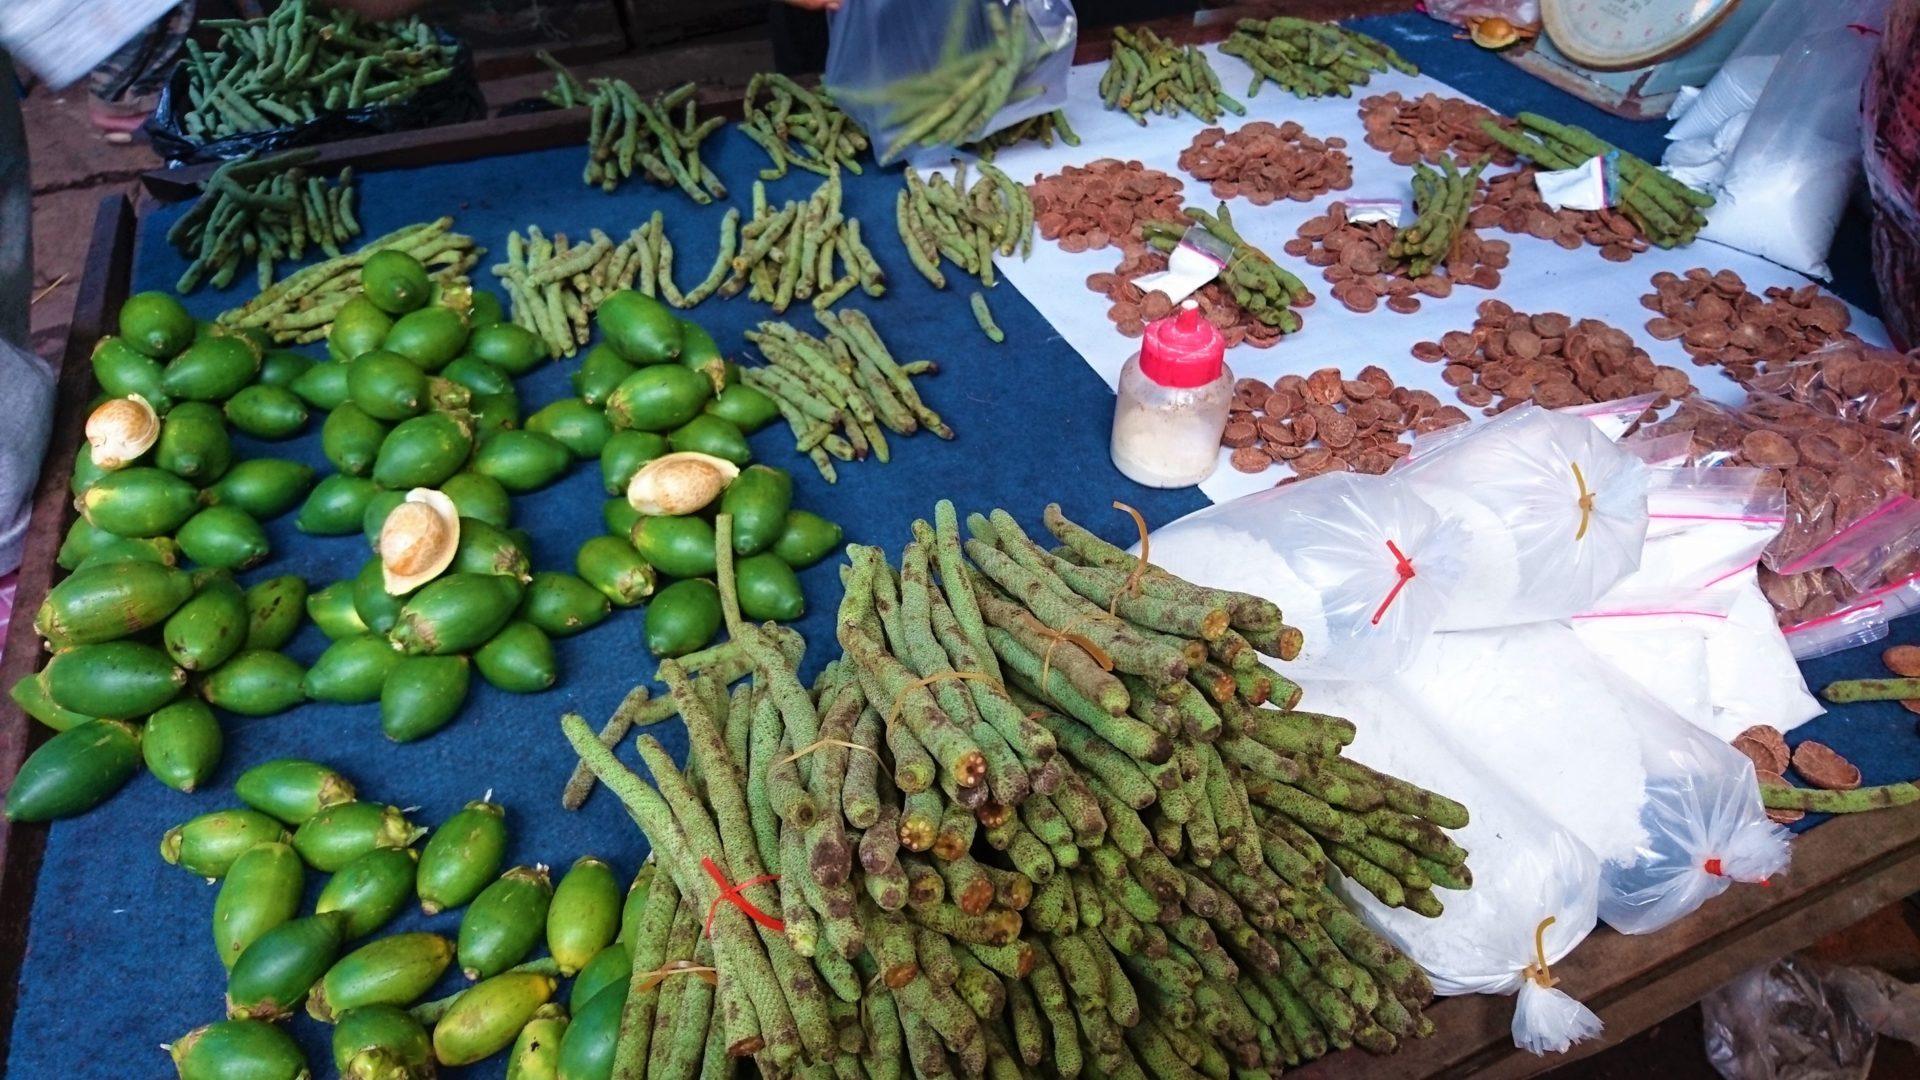 Betelnüsse, Betelfrüchte, Löschkalk, getrocknete Scheiben